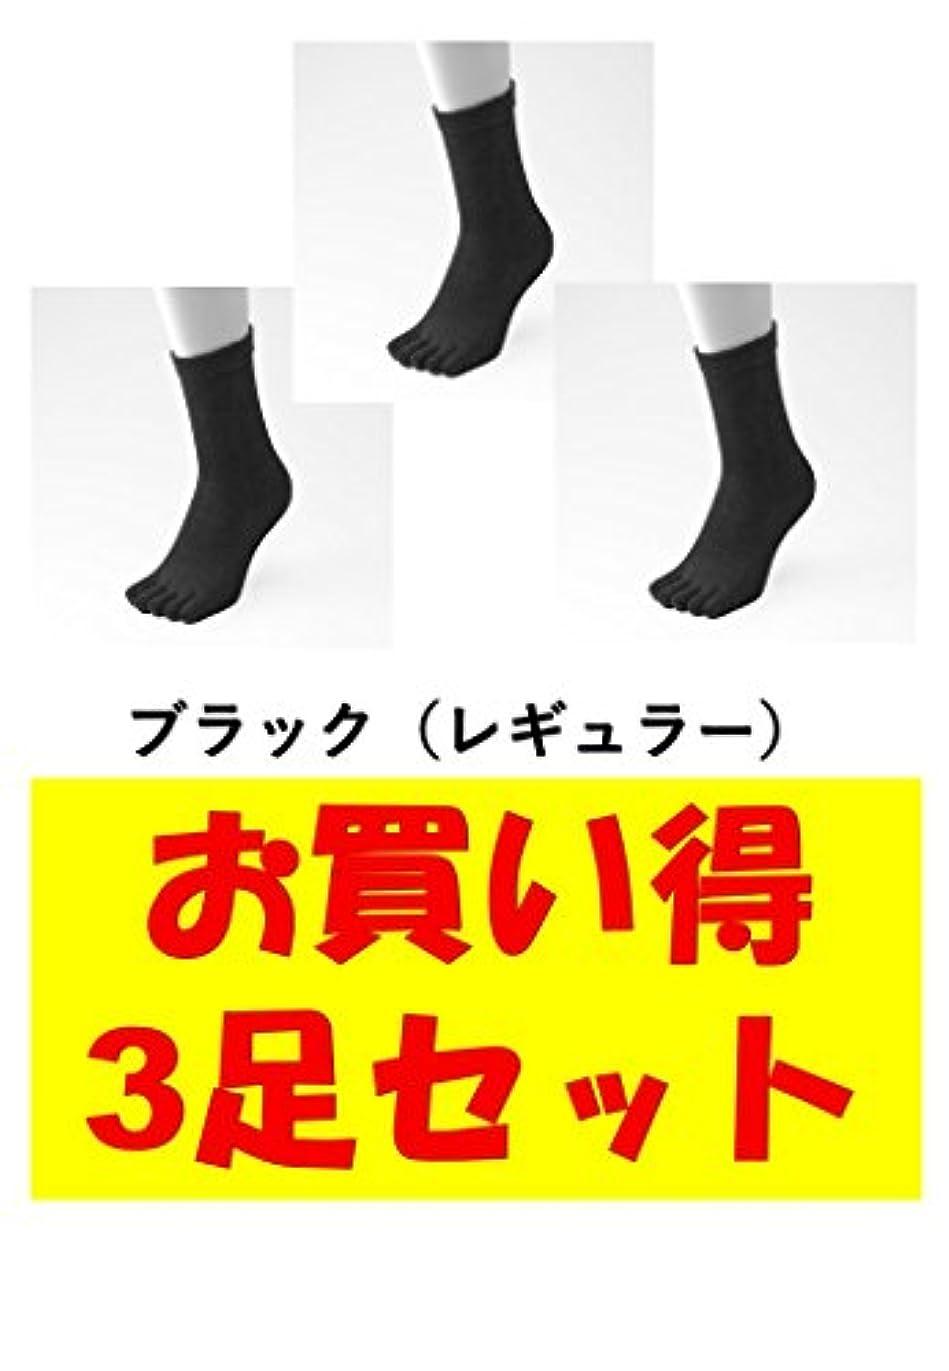 ベルベット収益作り上げるお買い得3足セット 5本指 ゆびのばソックス ゆびのばレギュラー ブラック 男性用 25.5cm-28.0cm HSREGR-BLK